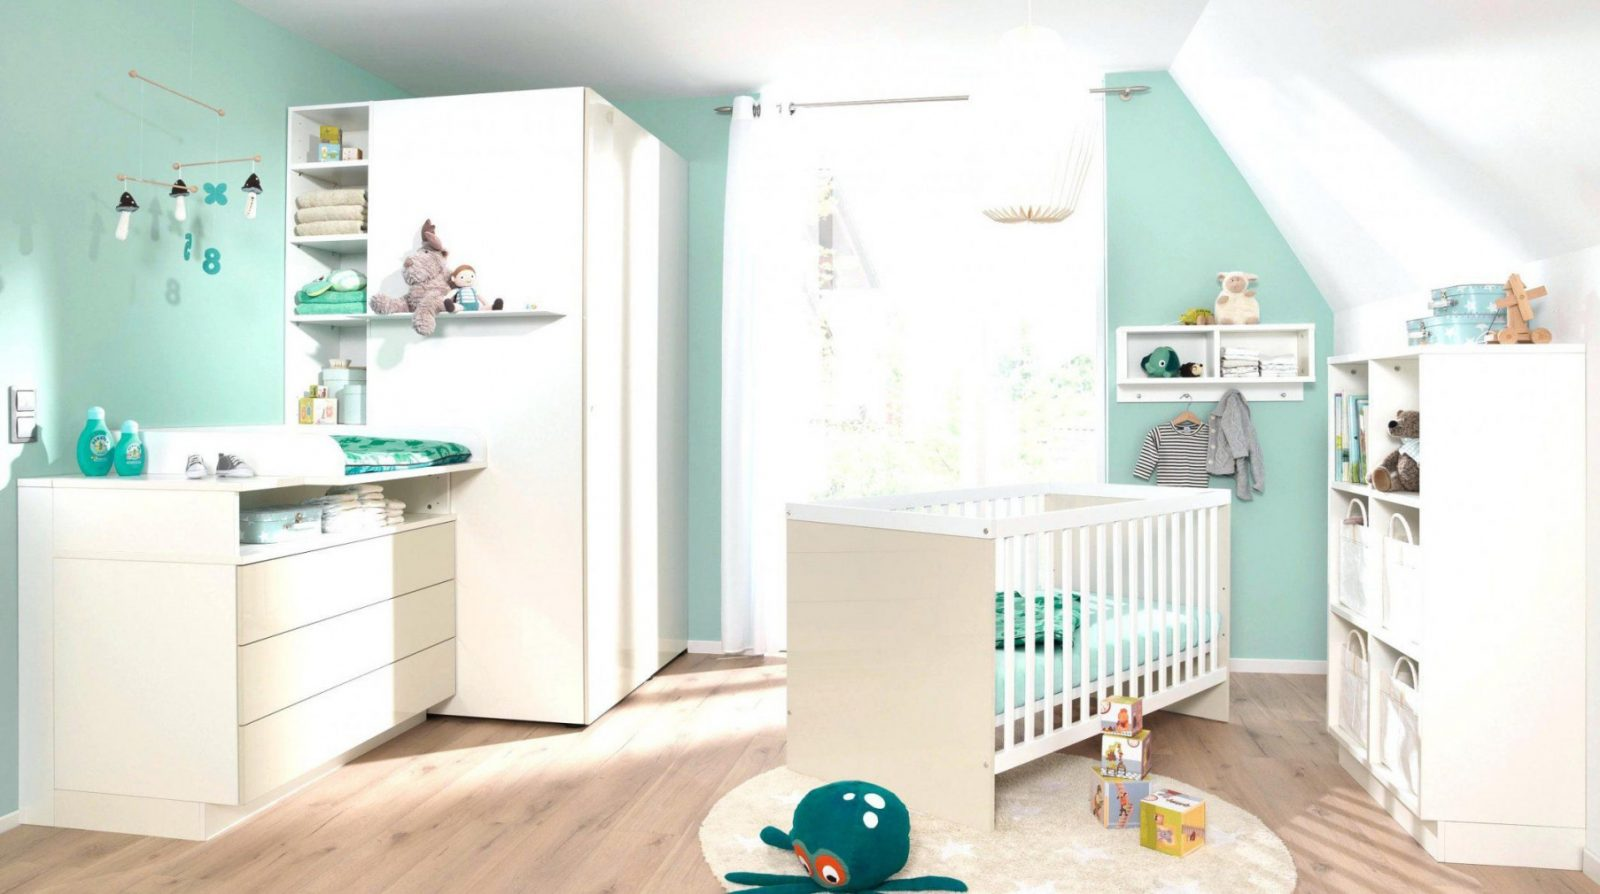 Deko Furs Zimmer Gattlich Baby Junge Sammlung Diner In von Baby Dekoration Zimmer Bild